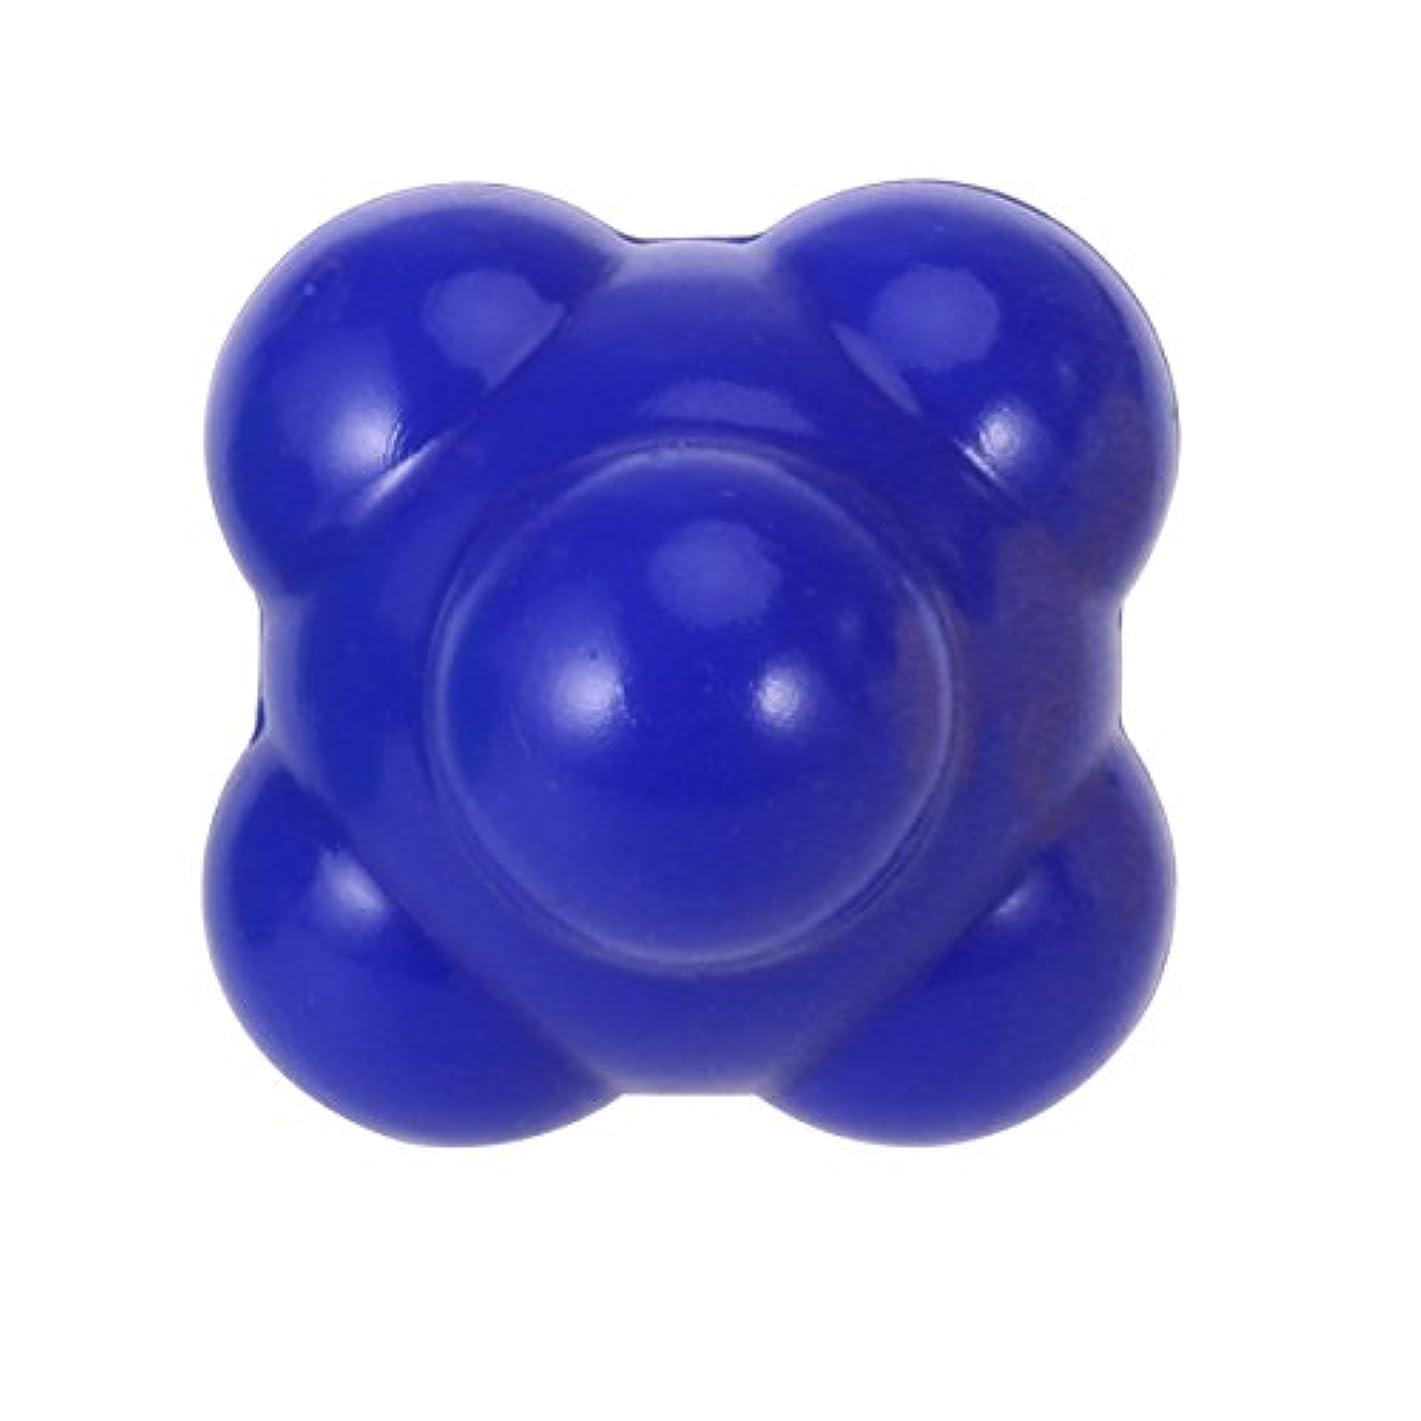 壁紙リラックスネブROSENICE 敏捷性ボール58mm優れたハンドアイ配位の開発(ブルー)